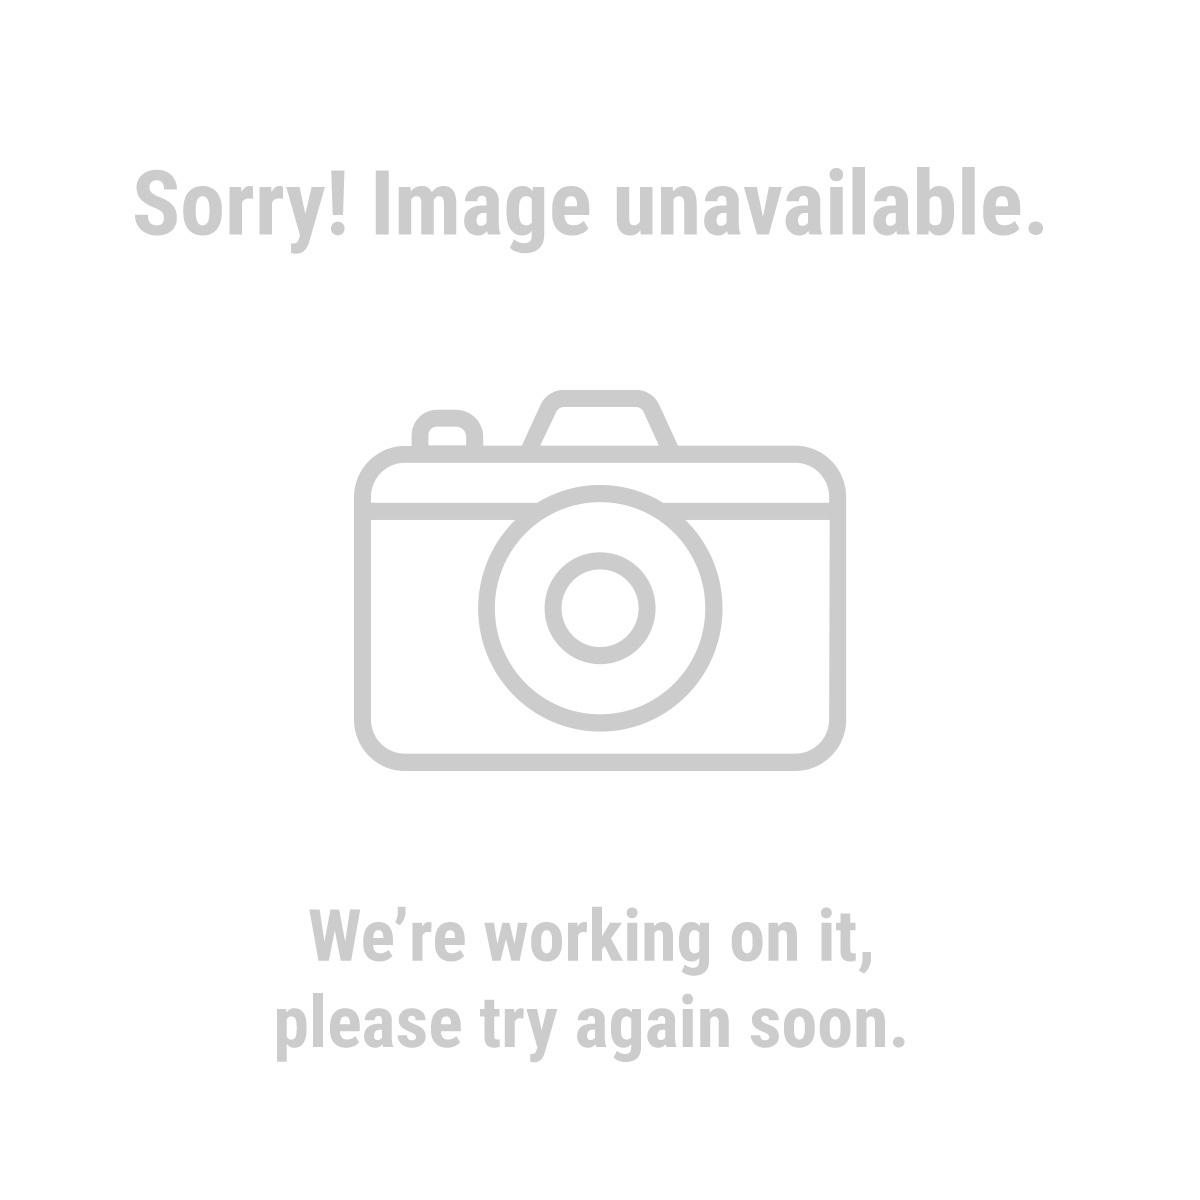 Central Pneumatic 68992 40 Lb. Pressurized Abrasive Blaster